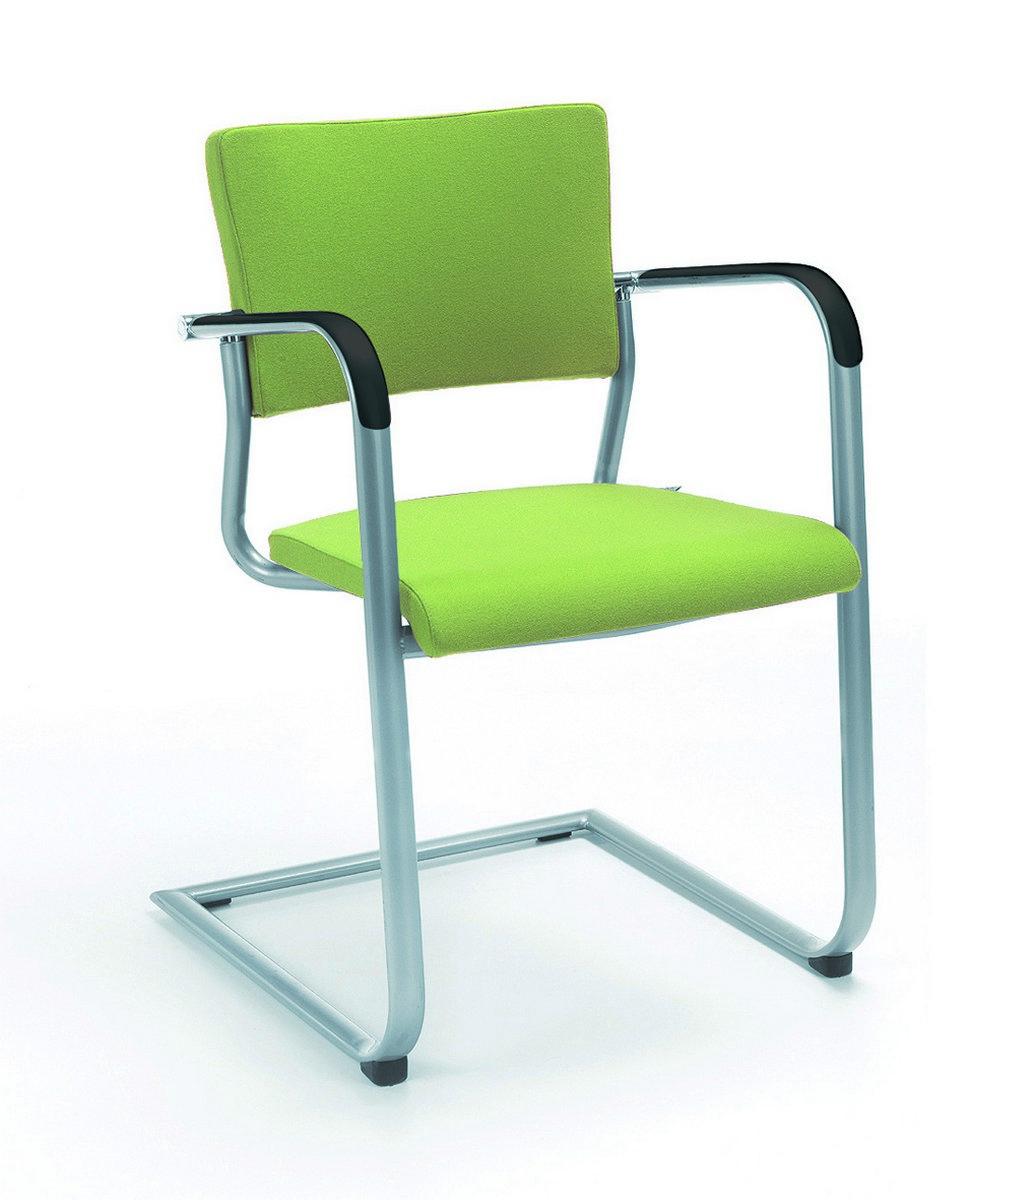 Zielone krzesła konferencyjne KALA, zielone fotele konferencyjne KALA